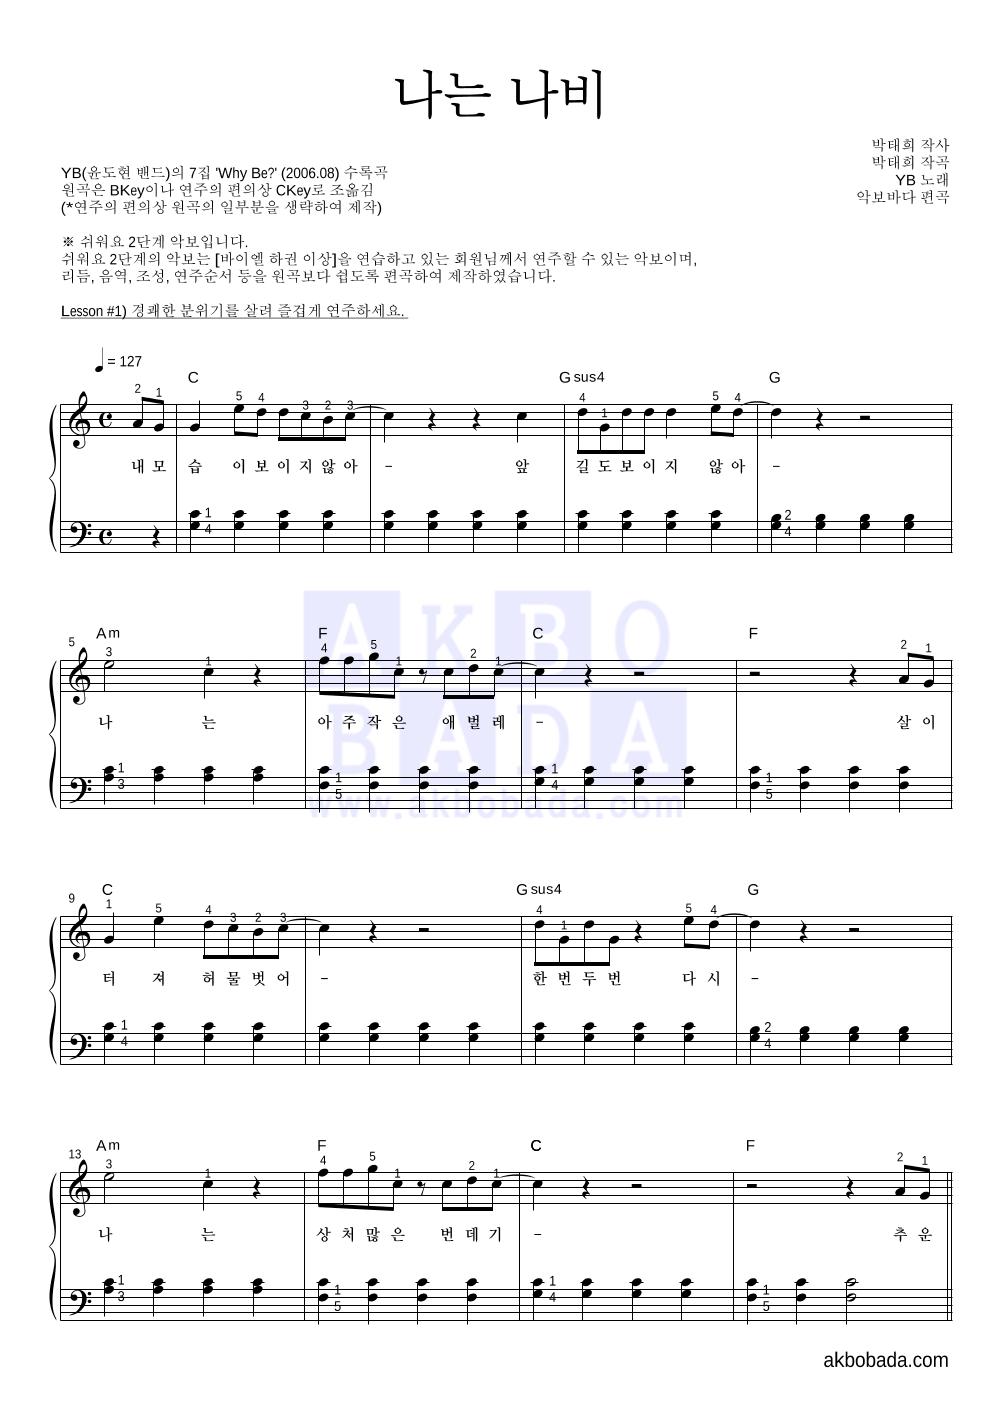 YB(윤도현 밴드) - 나는 나비 피아노2단-쉬워요 악보